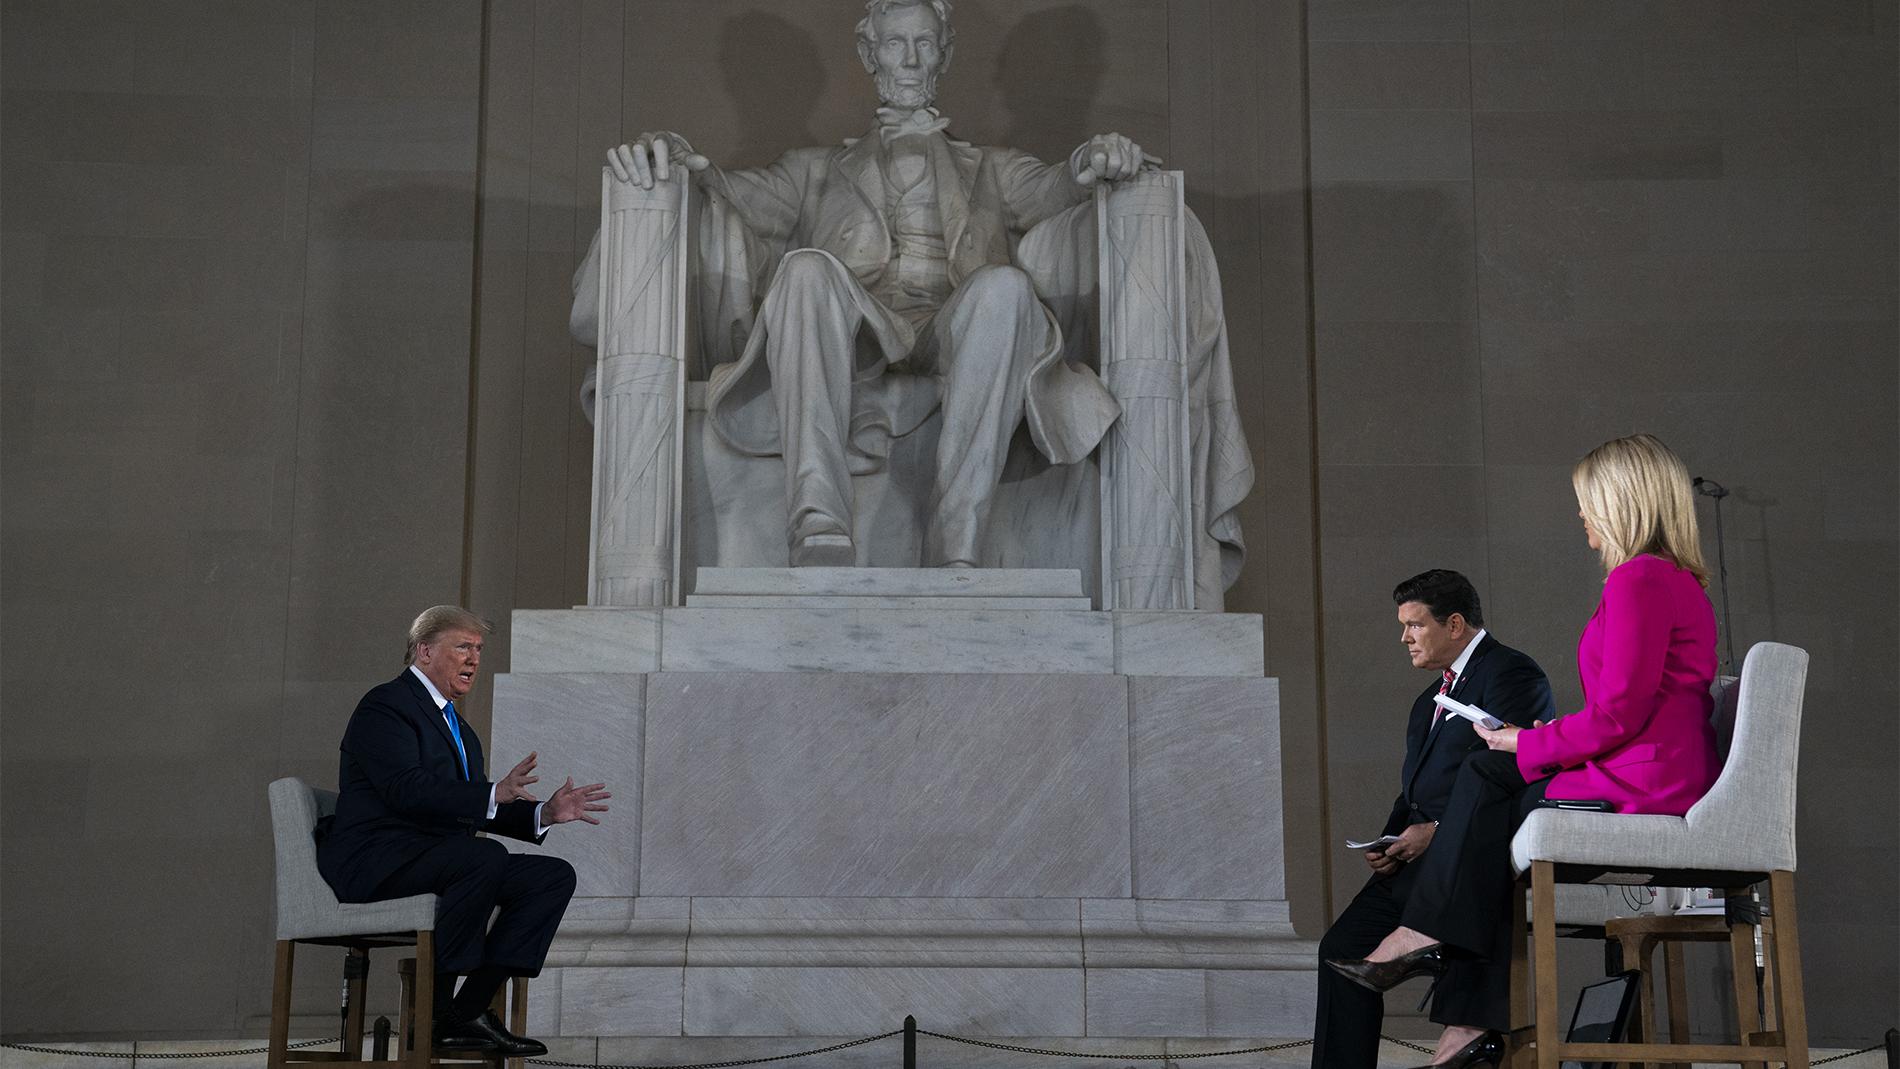 美国总统特朗普于2020年5月3日在林肯纪念堂参加福克斯电视台主持的虚拟公民大会,谈论新冠肺炎问题。(美联社)